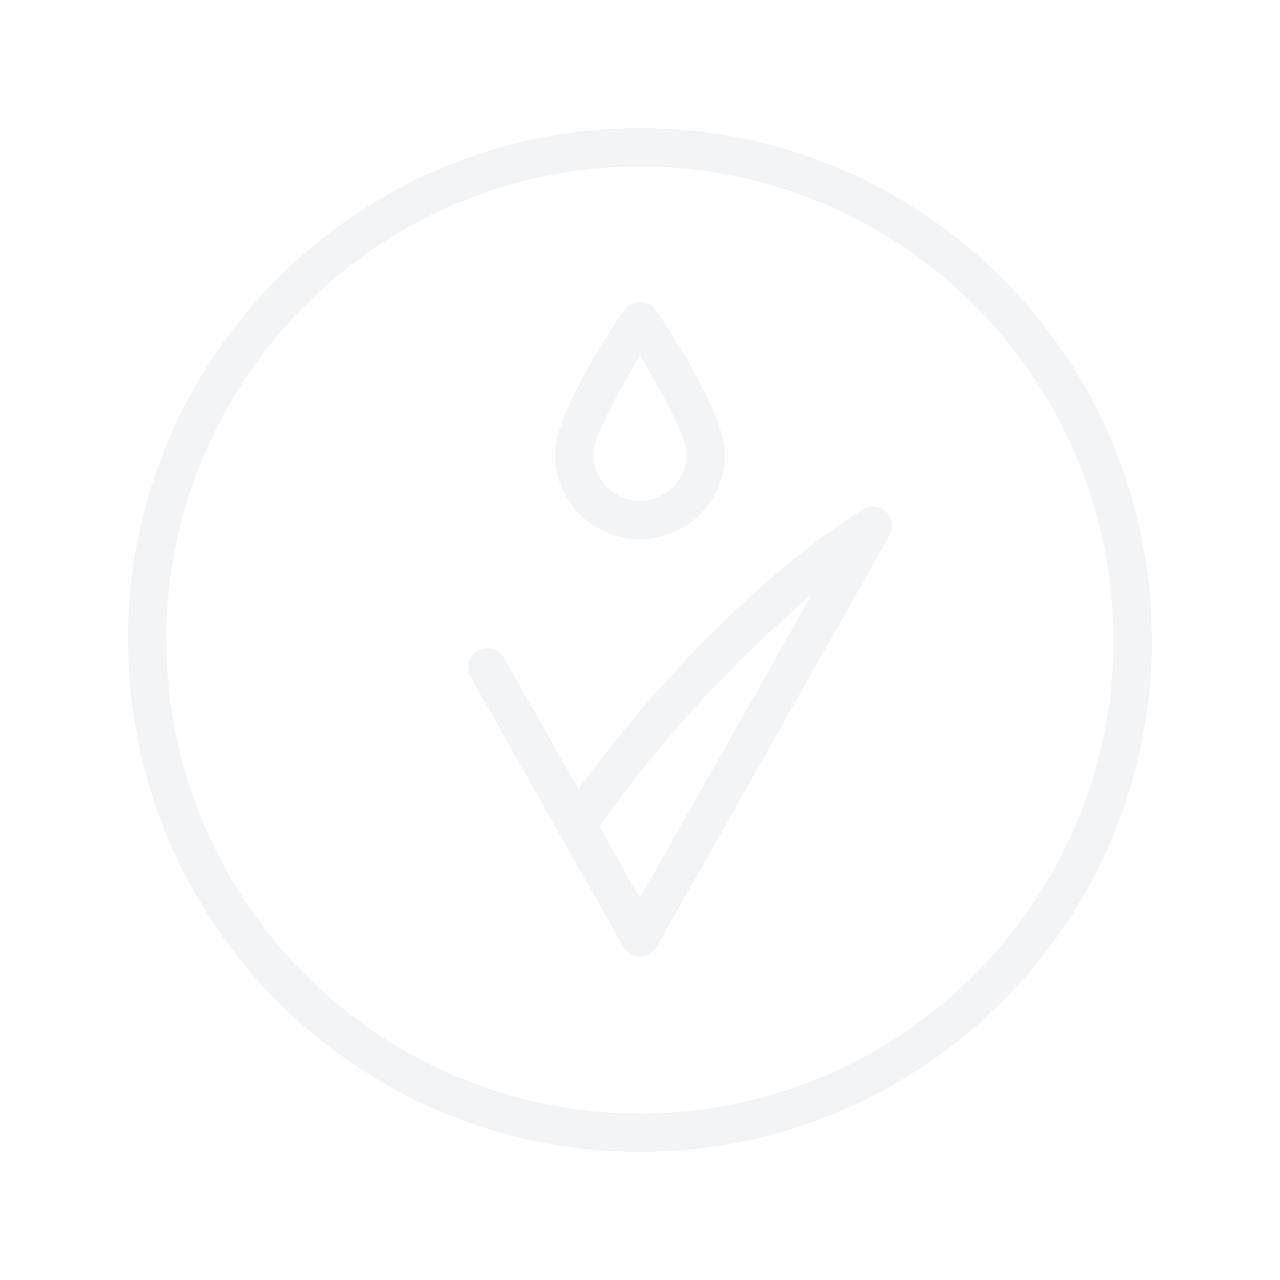 Wella Professionals EIMI Ocean Spritz Salt Spray 150ml